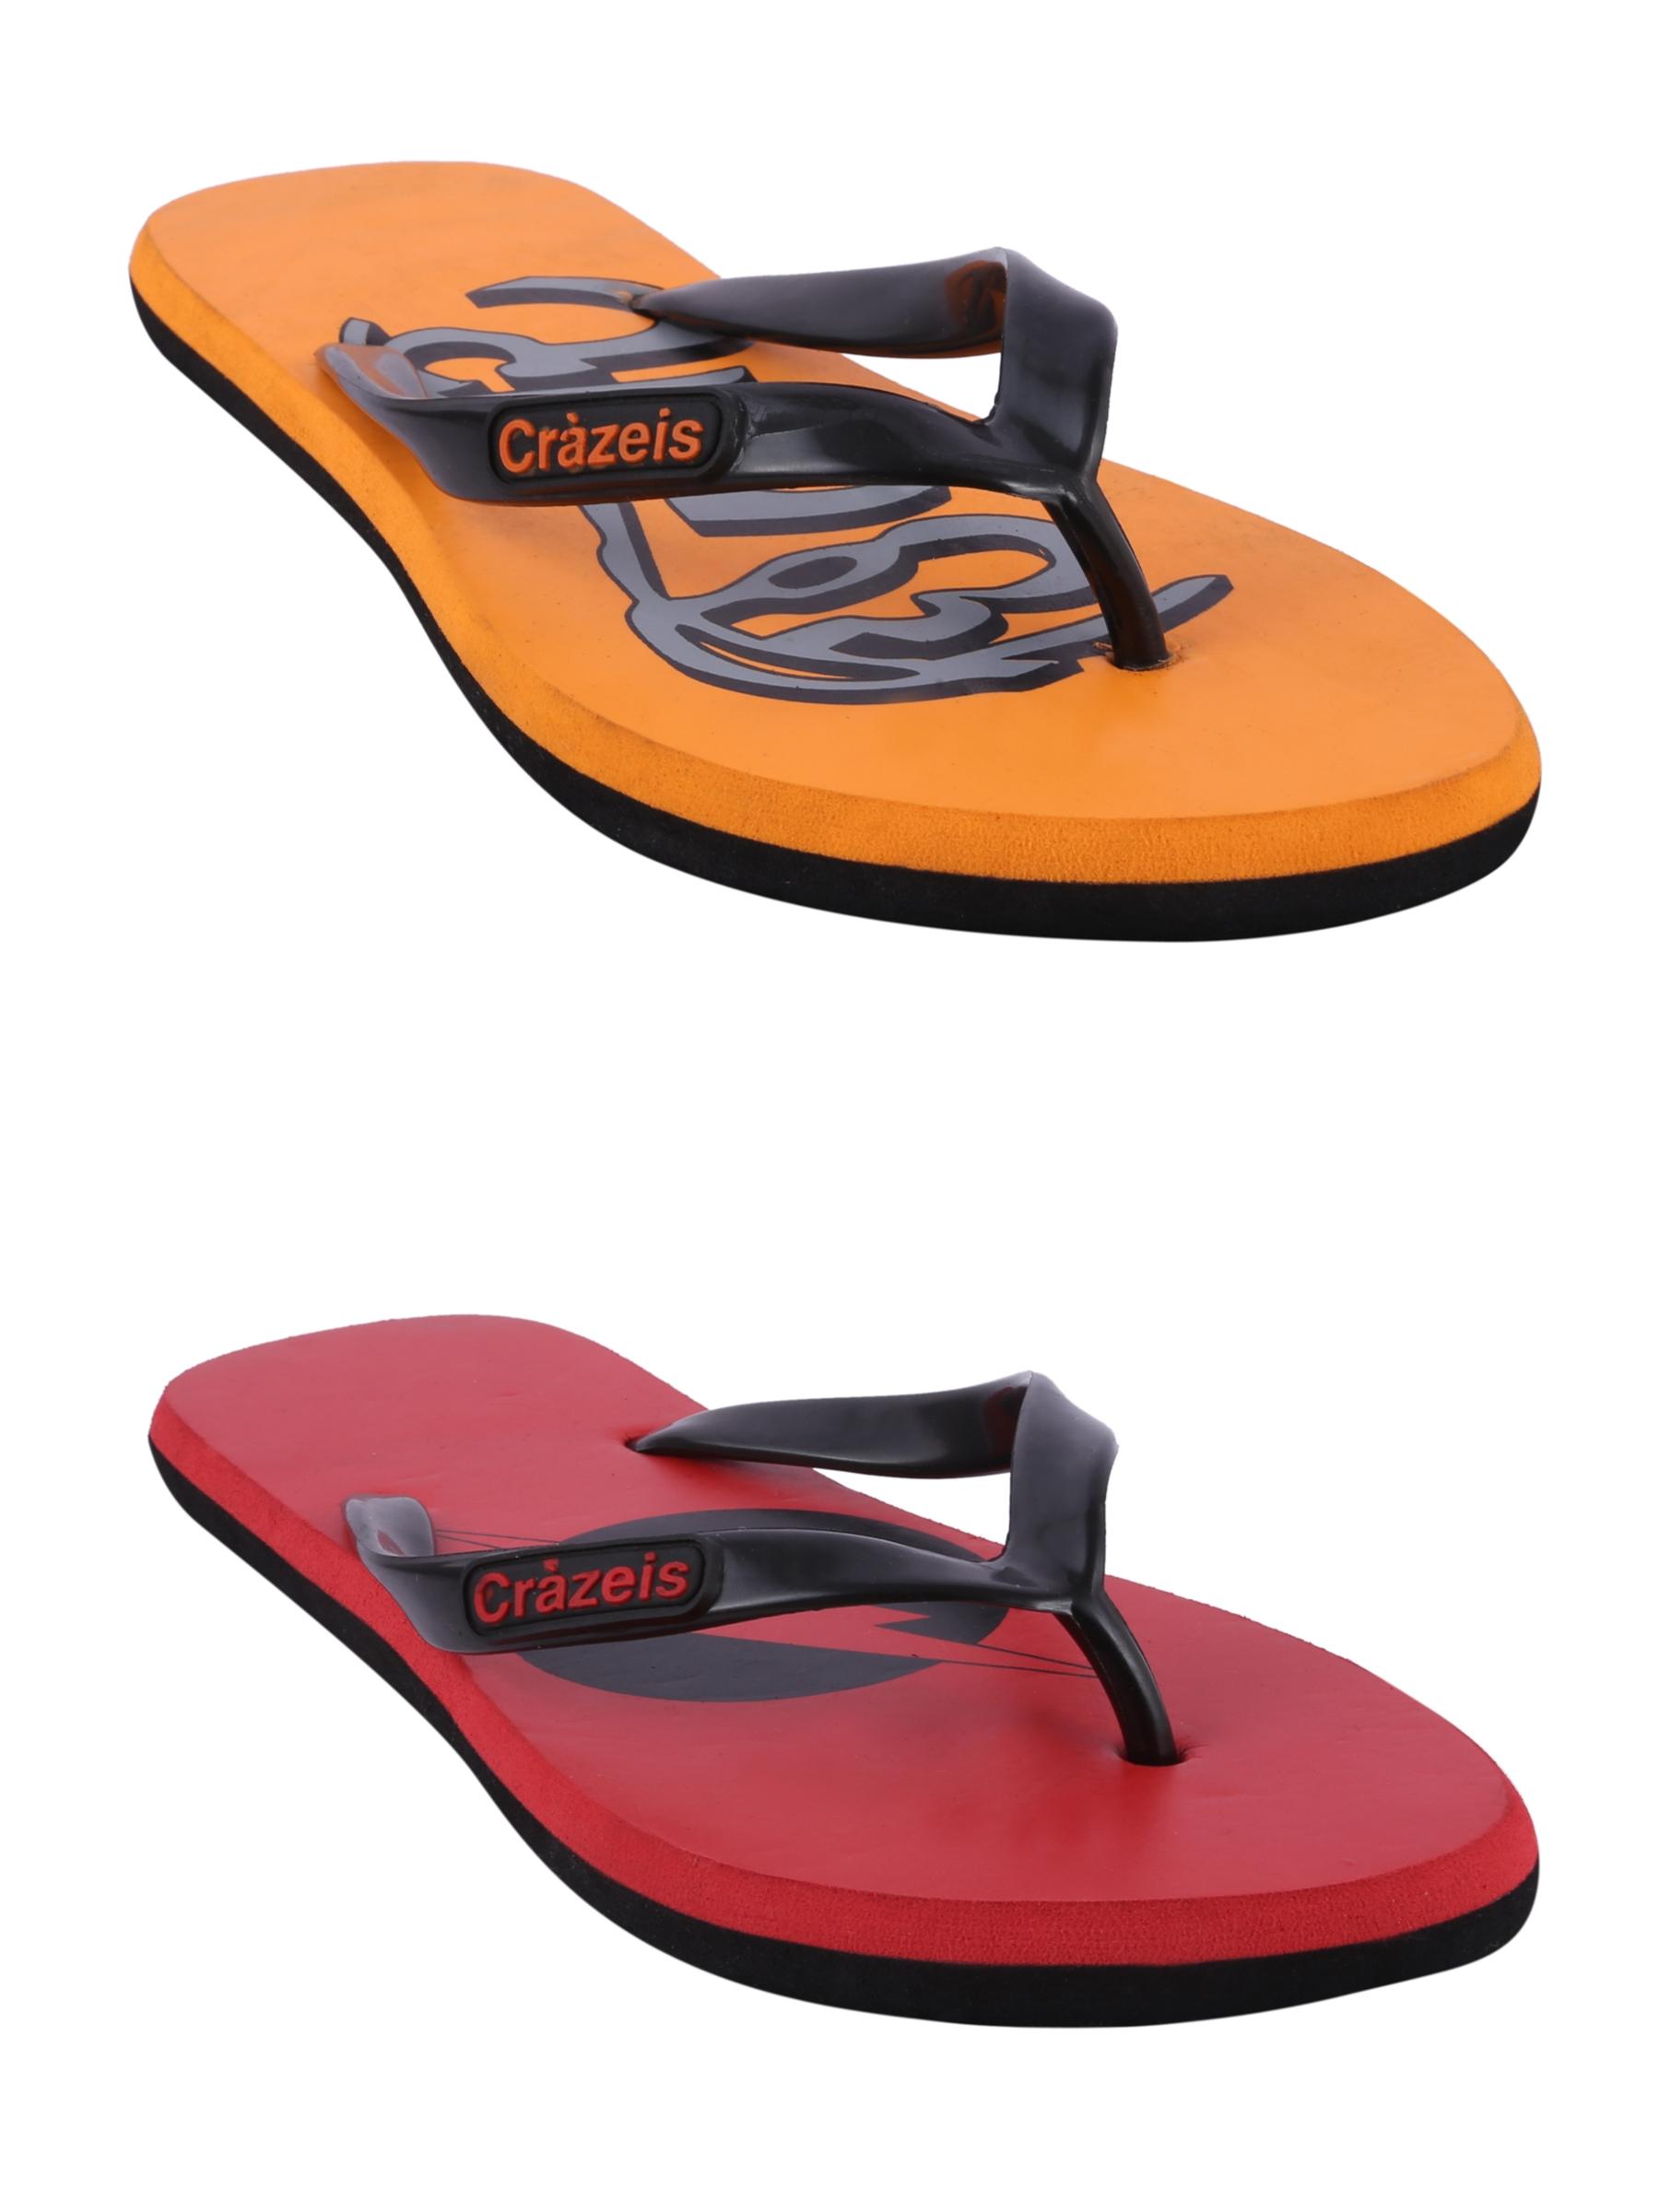 crazeis2 Crazeis Flip-flops Pack Of 2 For Men-022